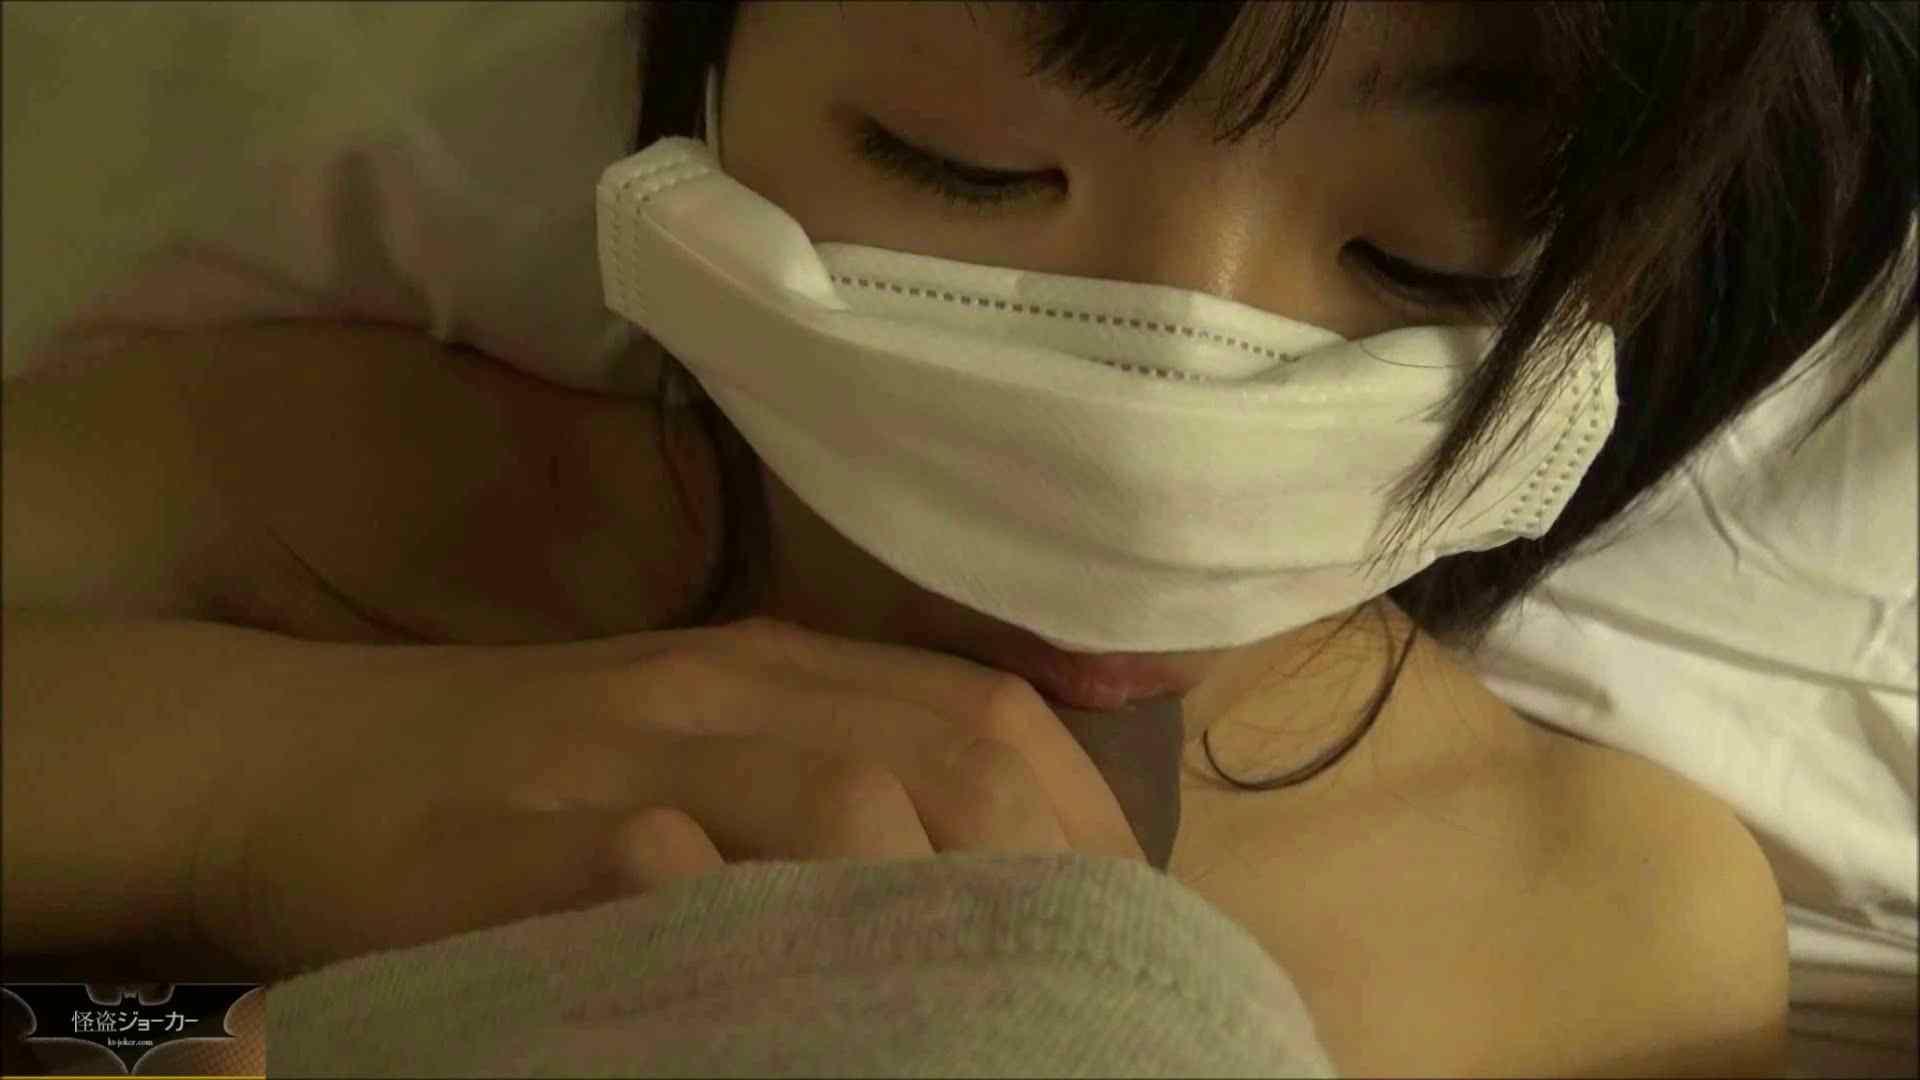 【未公開】vol.79 {関東某有名お嬢様JD}yuunaちゃん③ フェラ | お嬢様  77pic 43